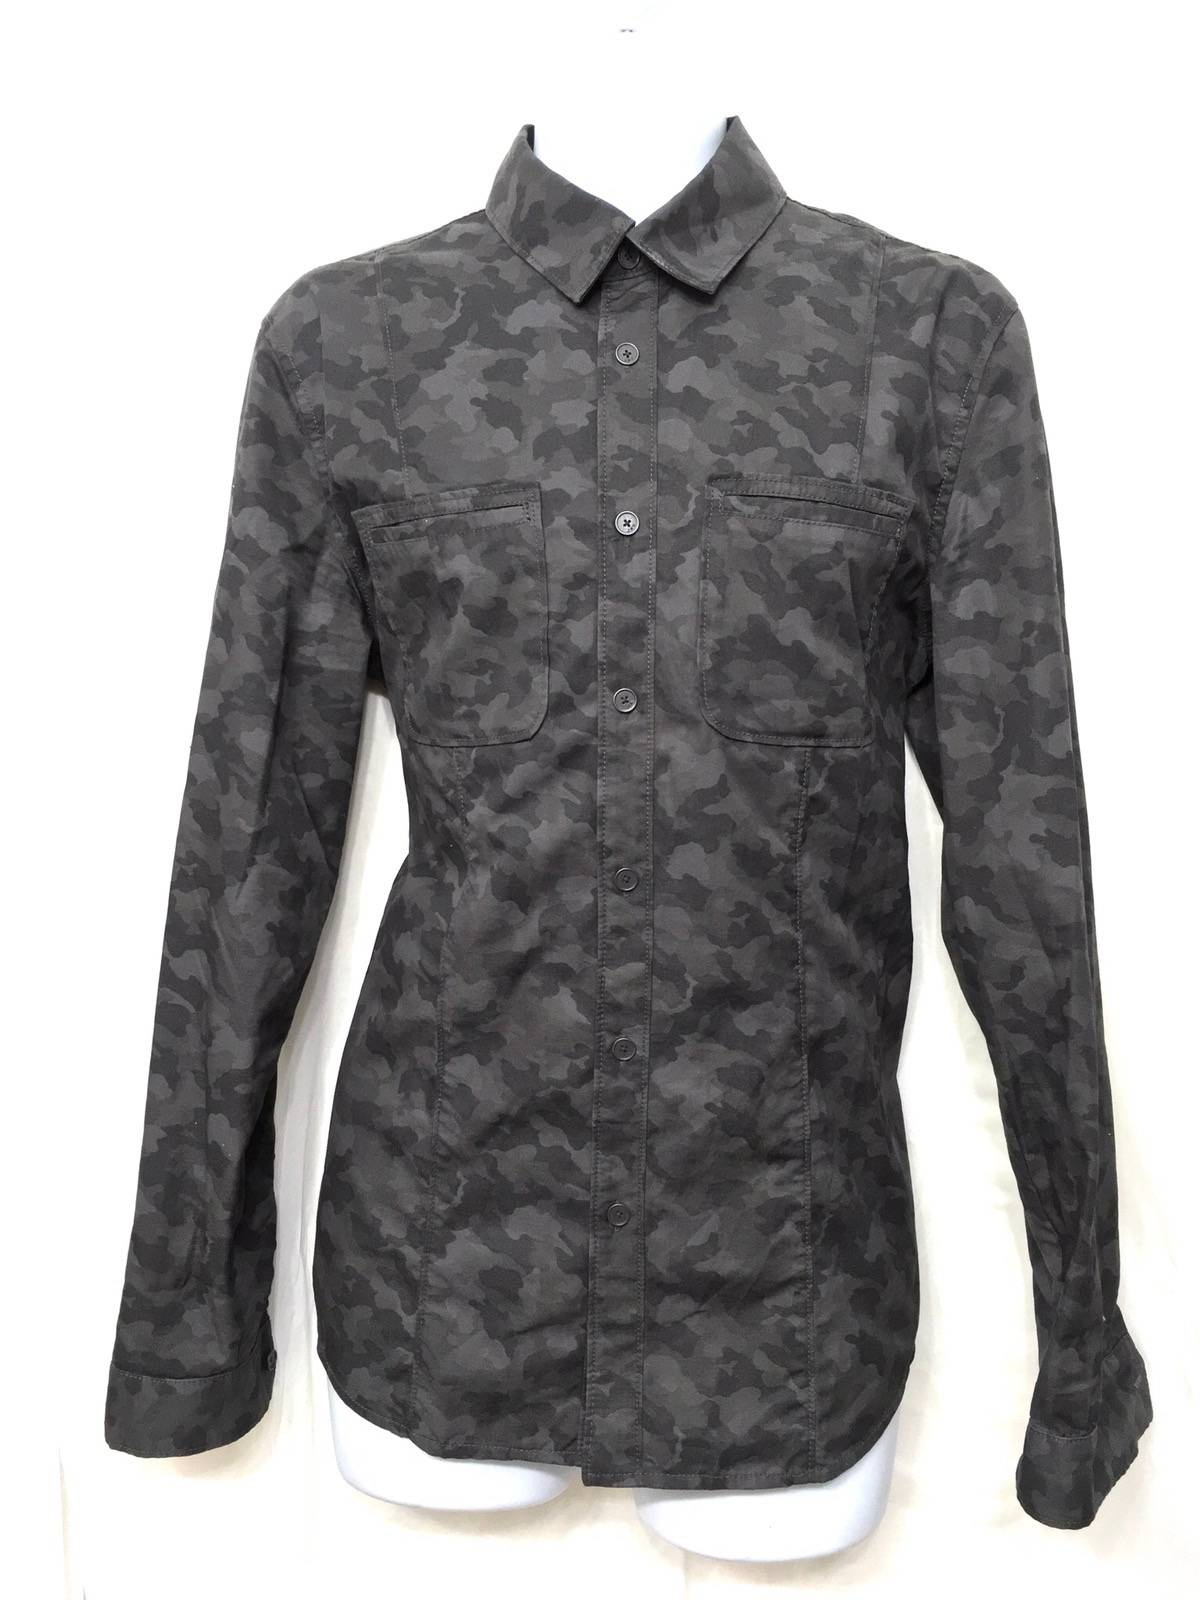 John Varvatos John Varvatos Star Usa Camo Print Shirt Jacket Size M